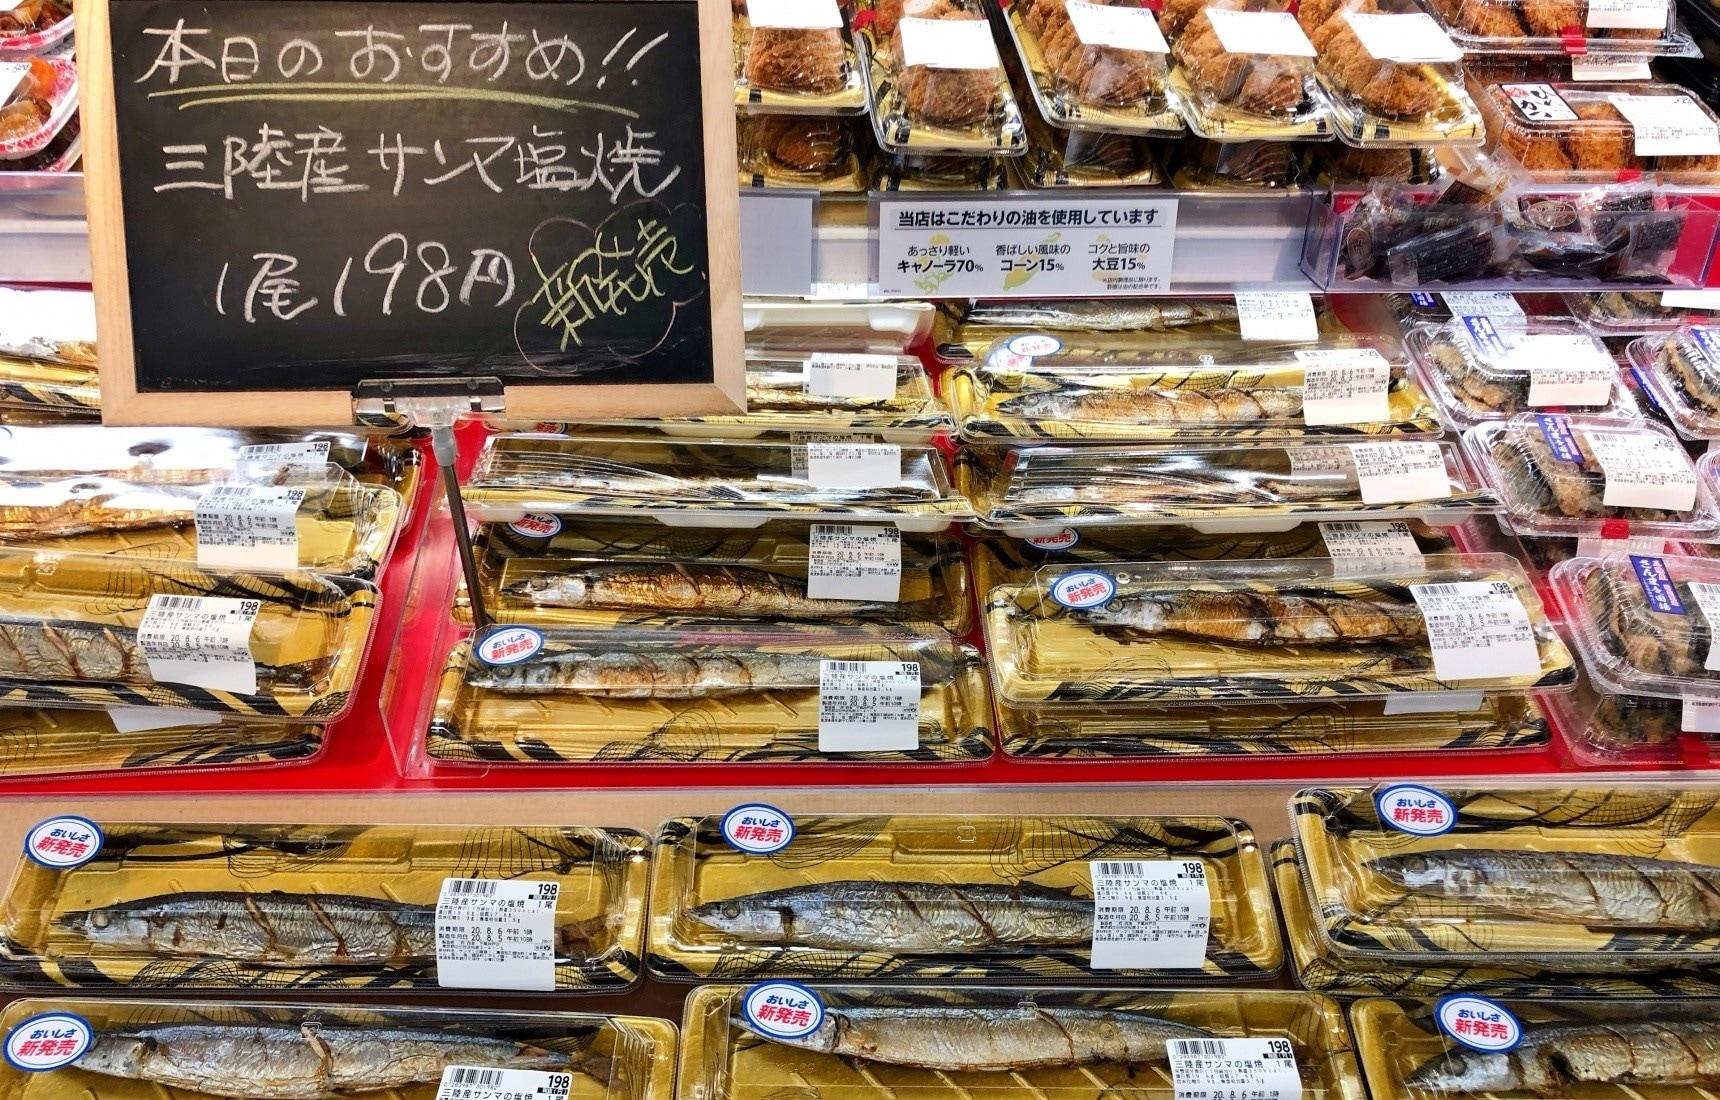 【日本美食】只知鰻魚美?不要錯過了那隻烤得香噴噴的秋刀魚!